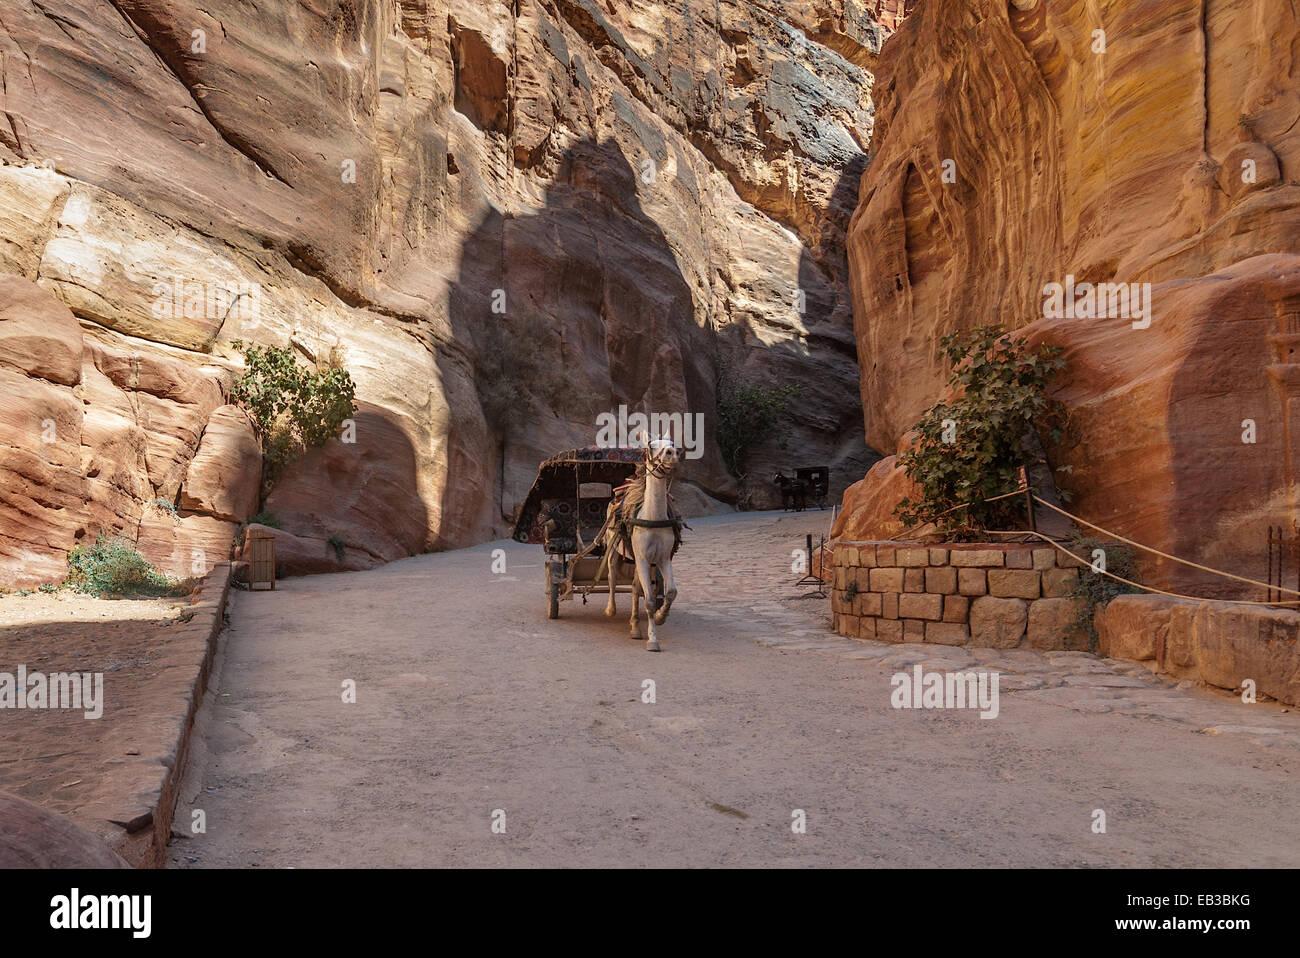 Jordania, Ma'an, Um Sayhun, Petra, caballos ferries turísticos Imagen De Stock